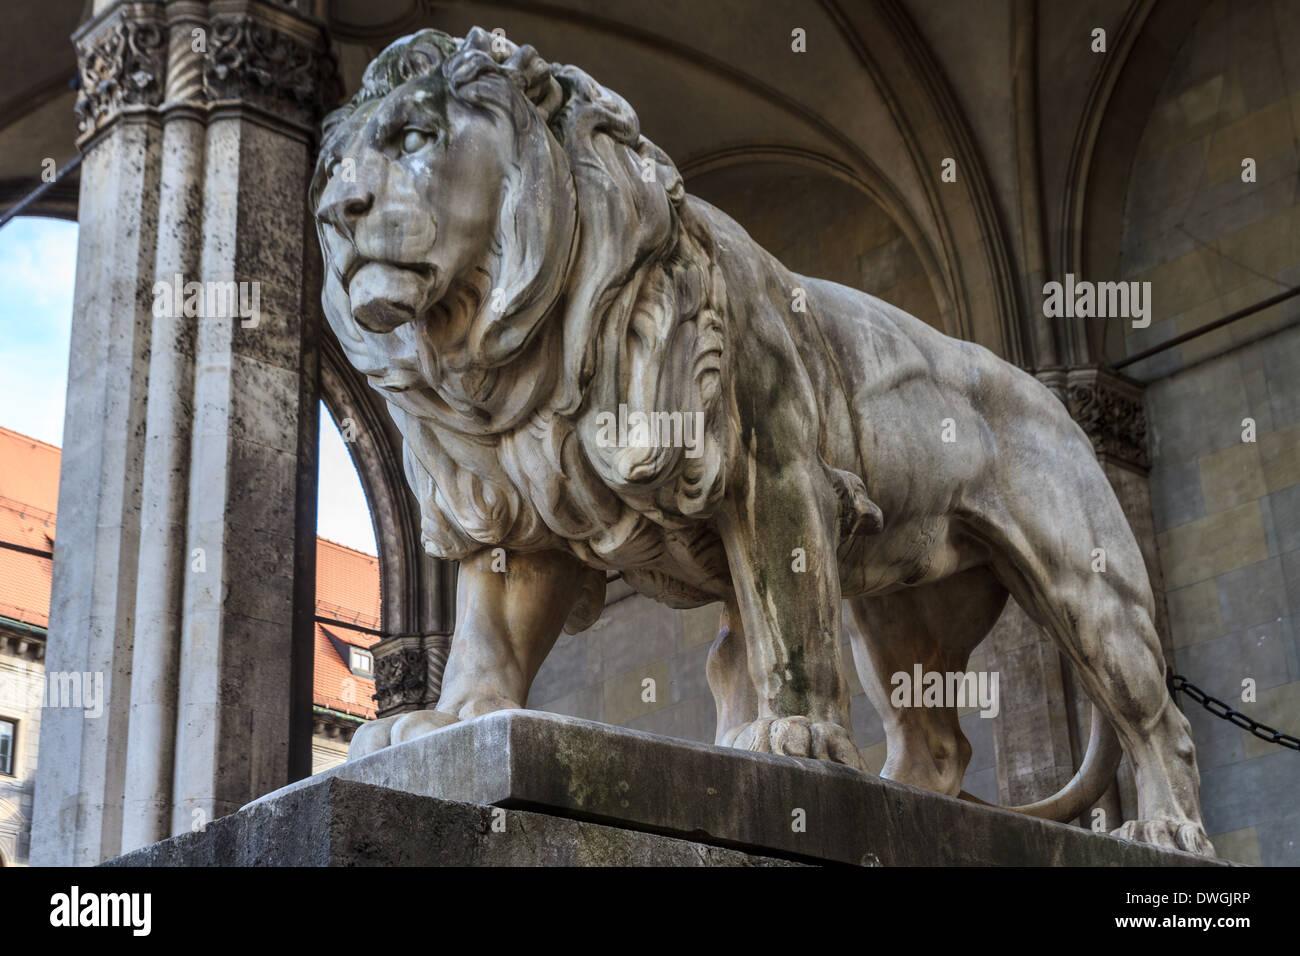 München, bayerische Löwenstatue vor der Feldherrnhalle, Bayern, Deutschland Stockbild